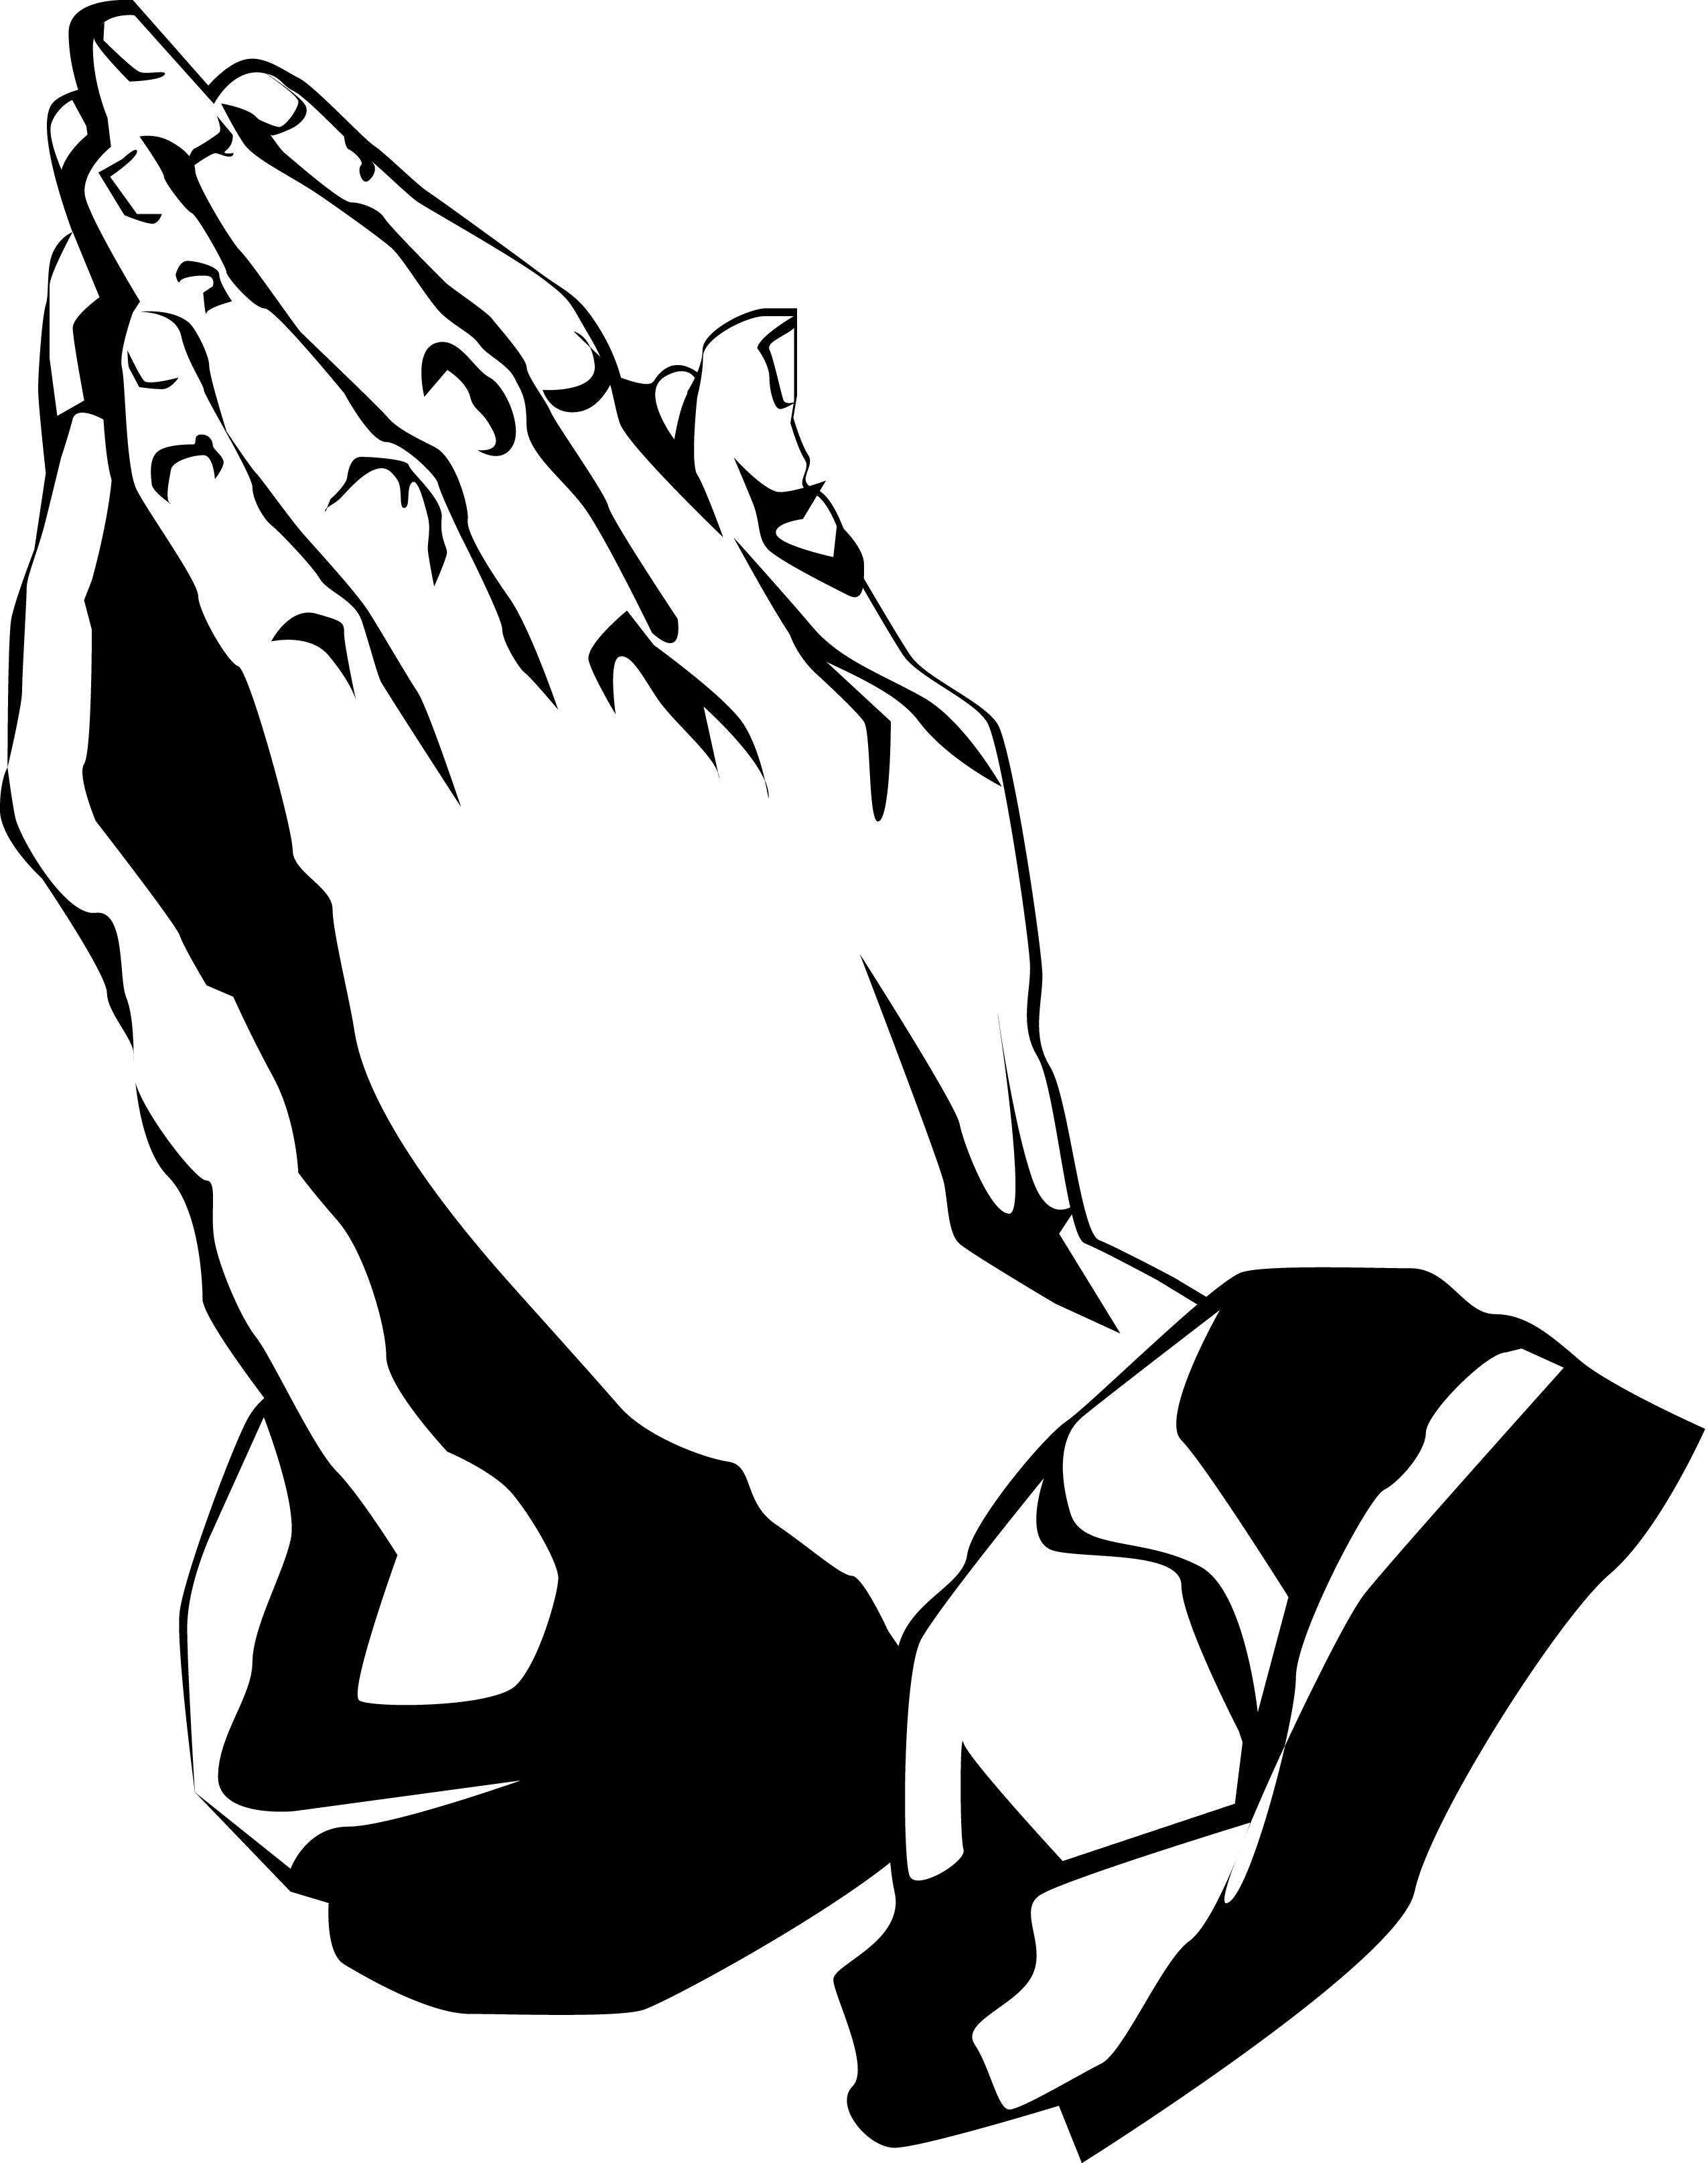 Prayer Hands Clipart Clipart Panda Free -Prayer Hands Clipart Clipart Panda Free Clipart Images-15